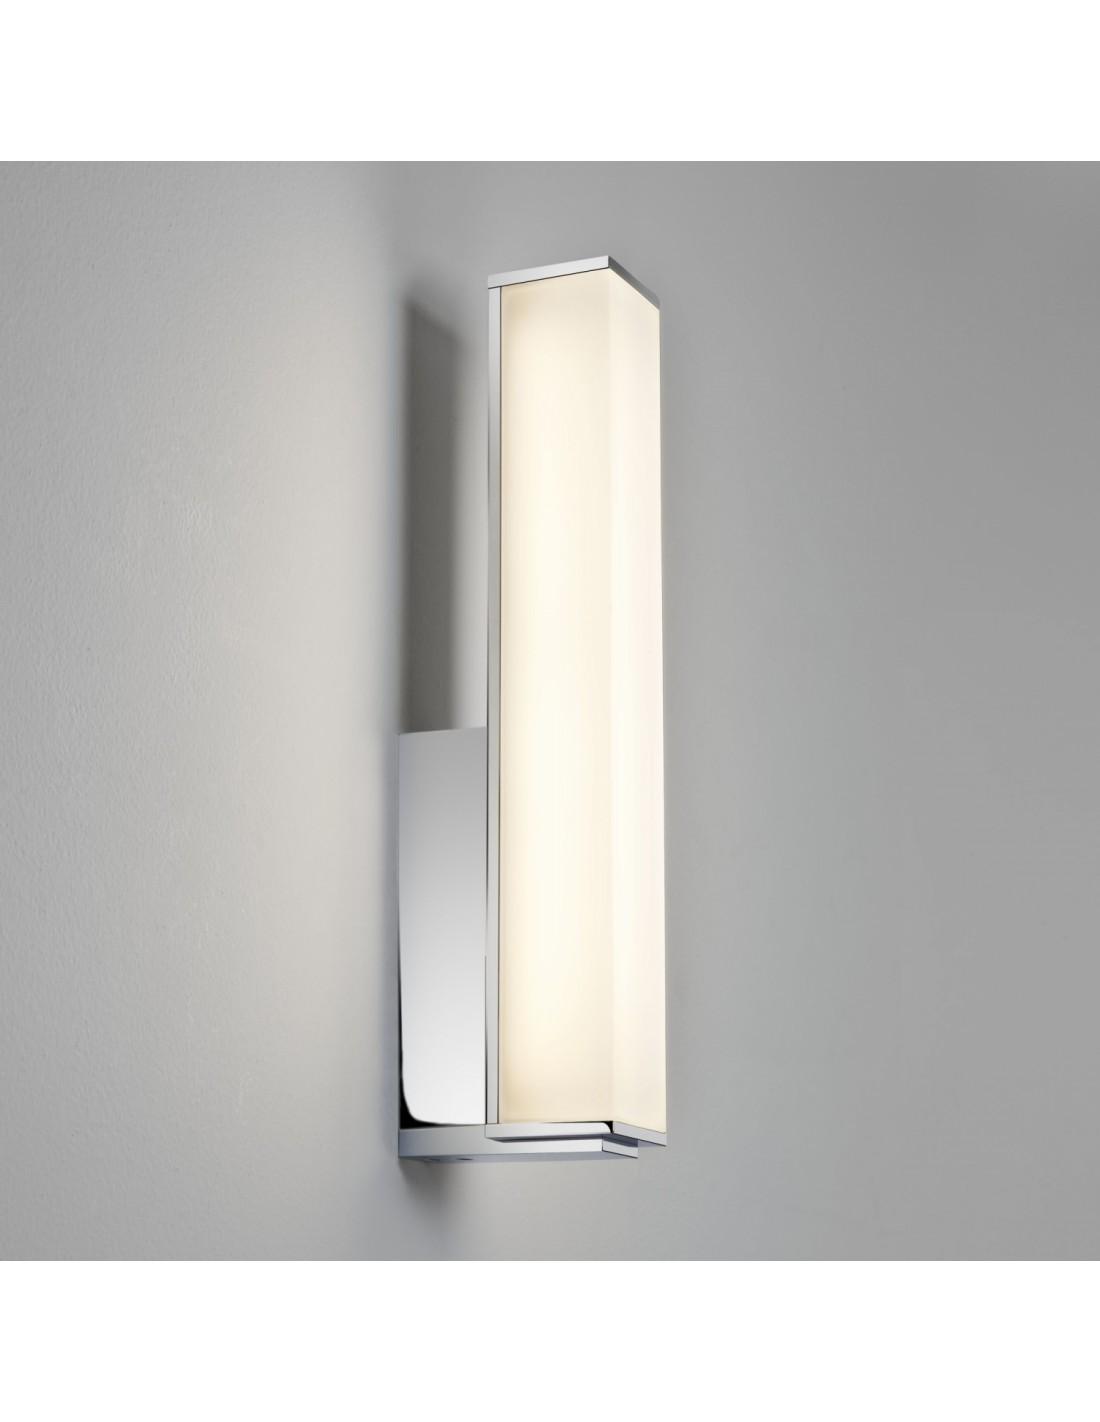 applique karla chrome Astro Lighting